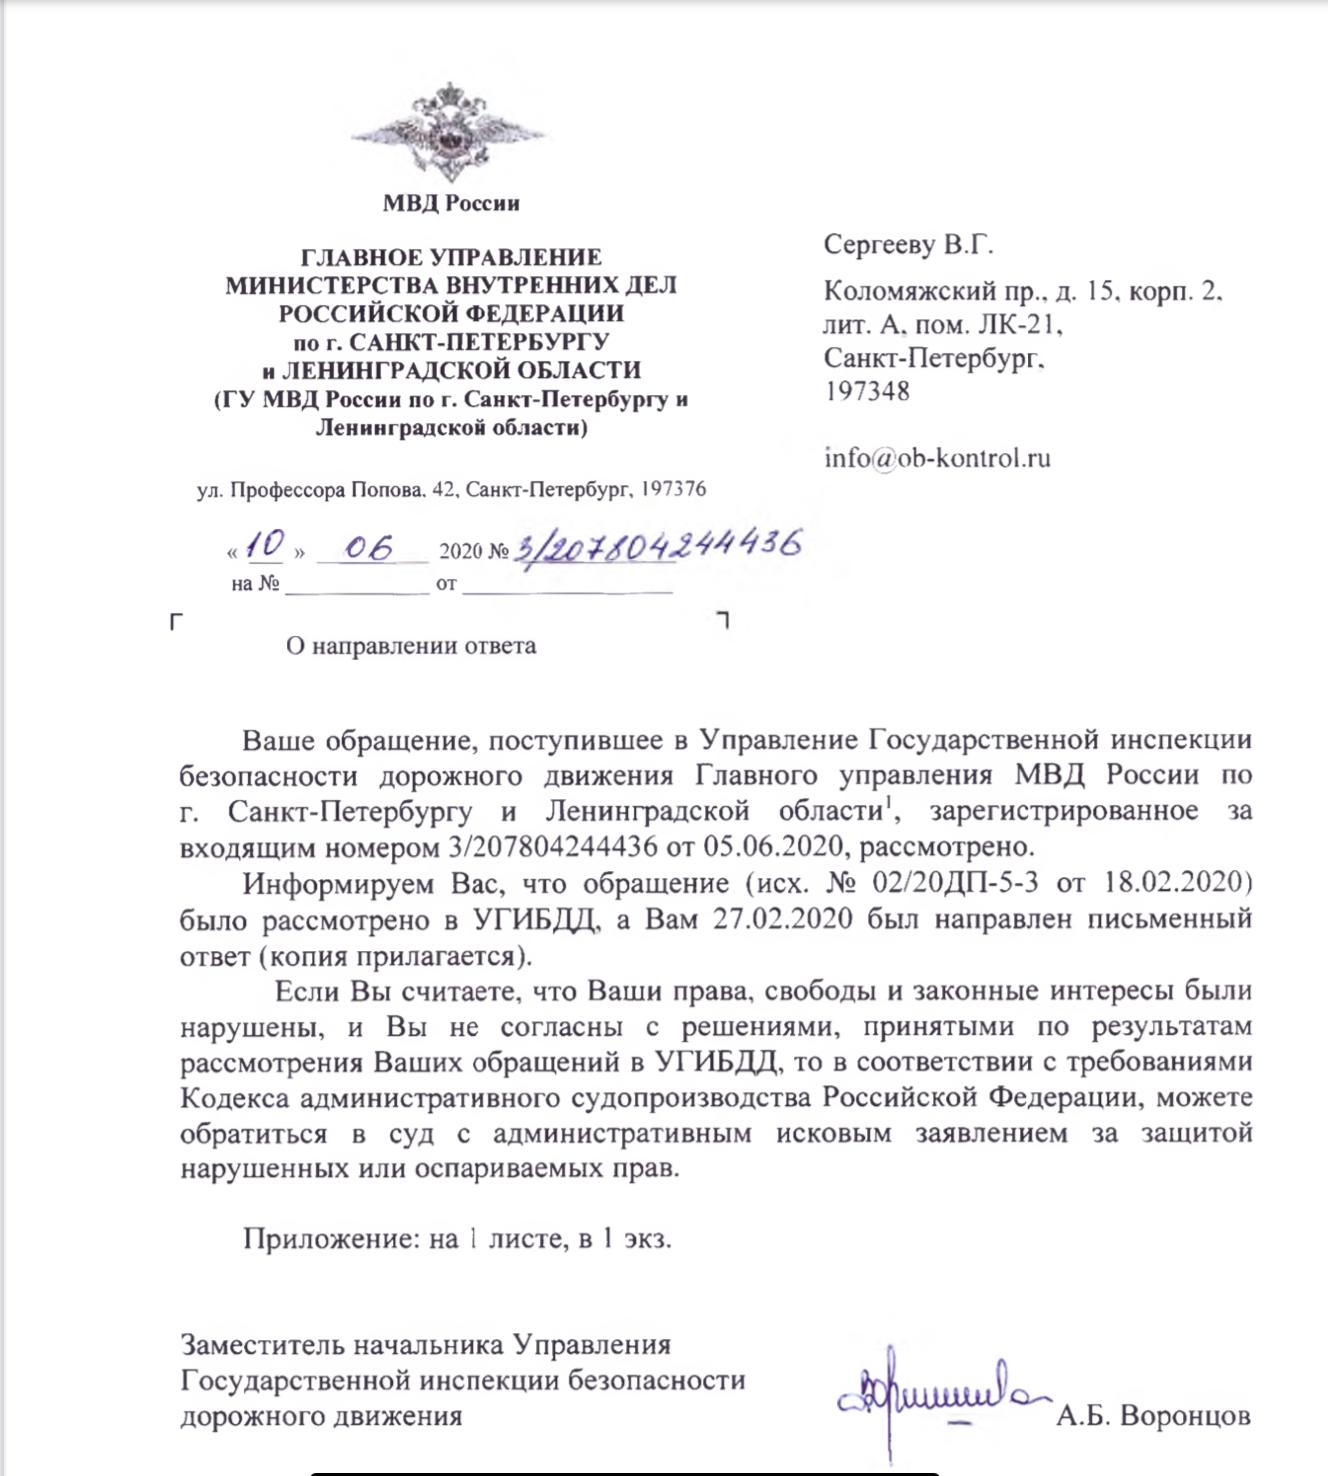 Ответ заместителя Управления Государственной инспекции безопасности дорожного движения Воронцова А.Б.  На обращение от 05.06.2020.